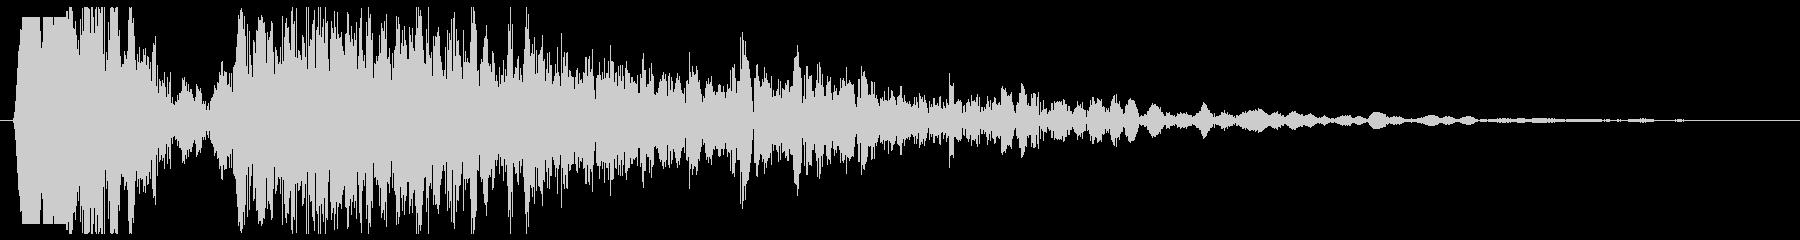 シューン(発射の音)の未再生の波形